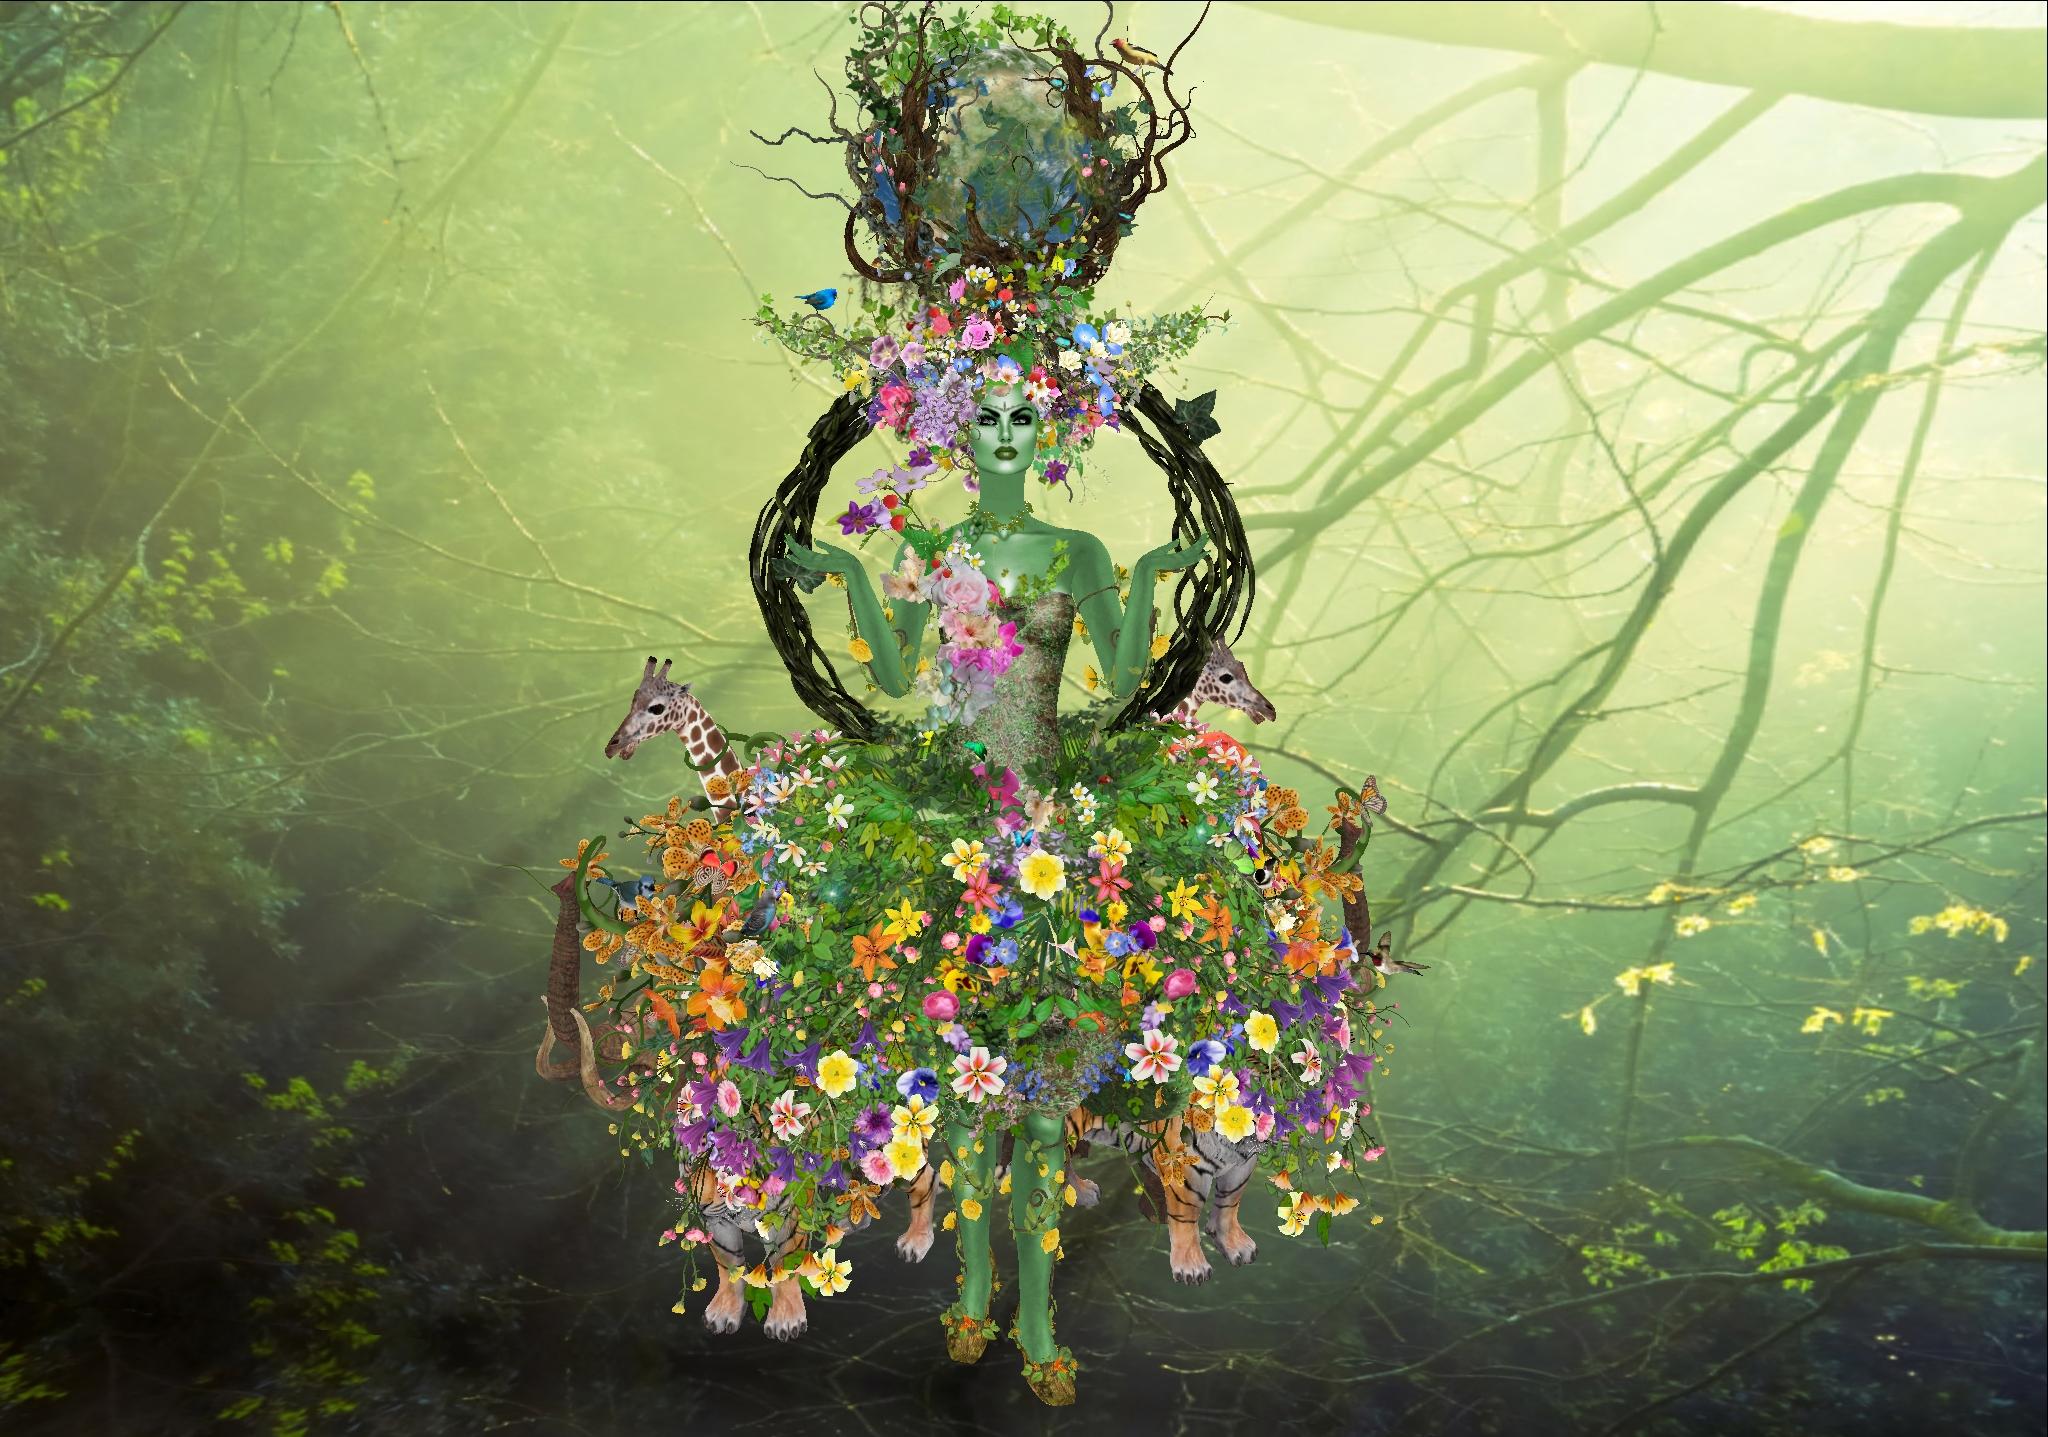 Flores y la madre abstracta - 2048x1437